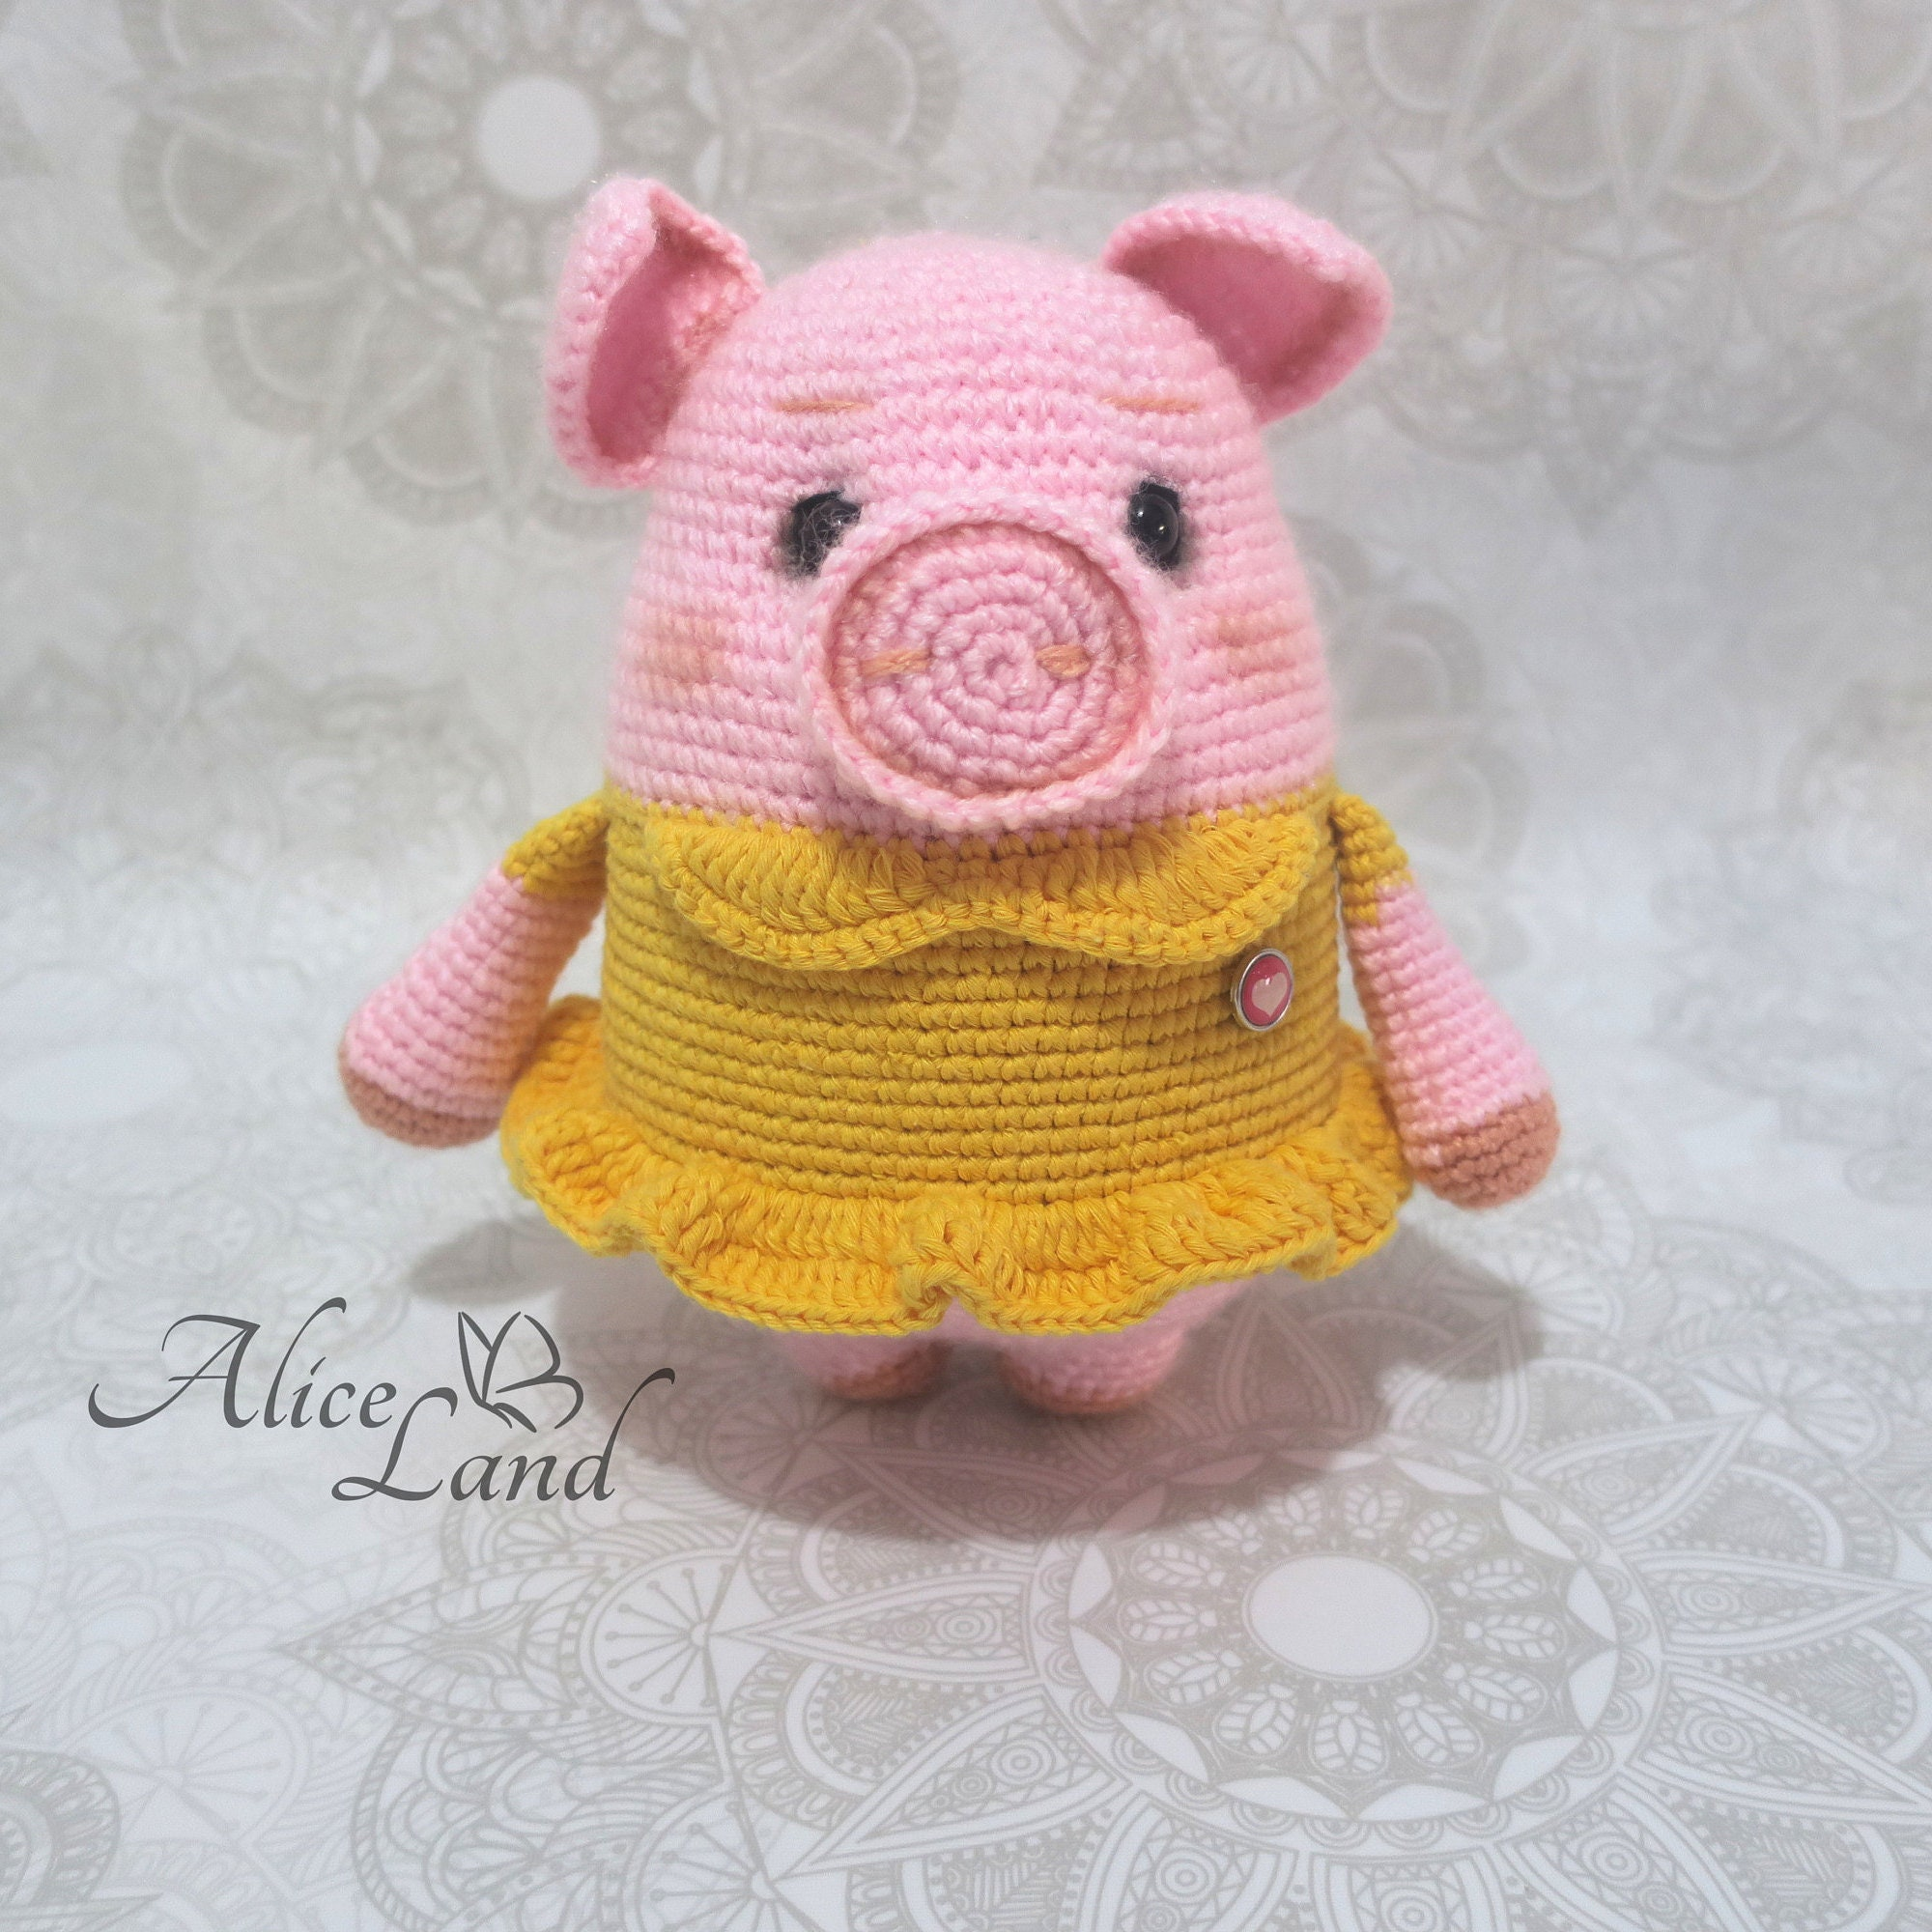 Crochet Along Pig | 2000x2000